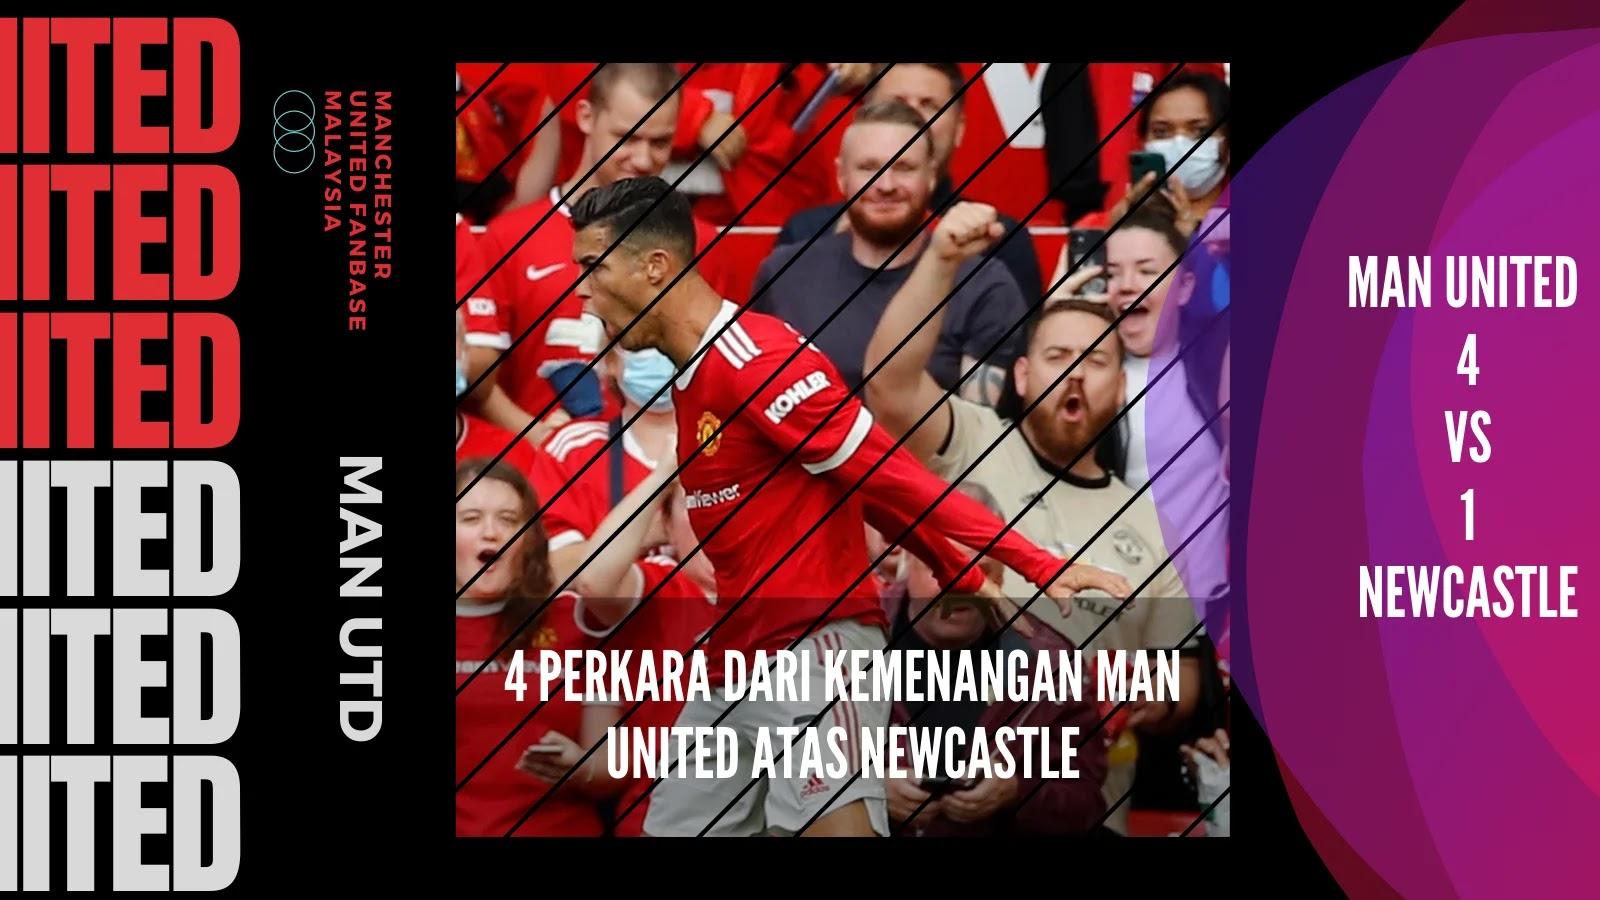 4 Perkara dari Kemenangan Man United atas Newcastle